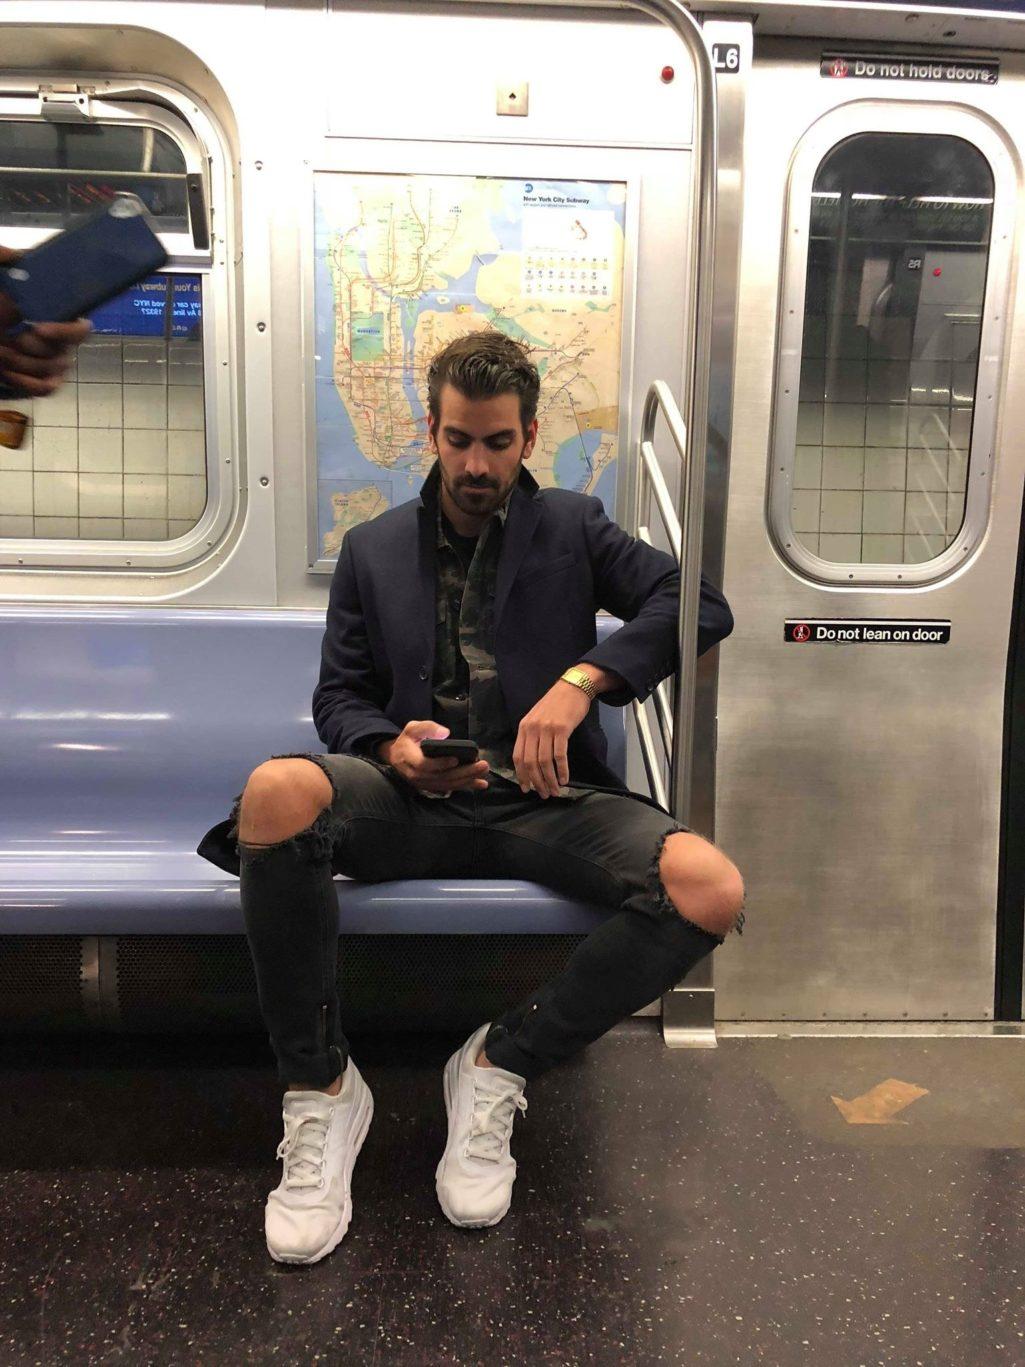 地鐵偷拍男神問「這是你嗎?」沒想到竟釣出本尊回覆...結局讓網友笑翻